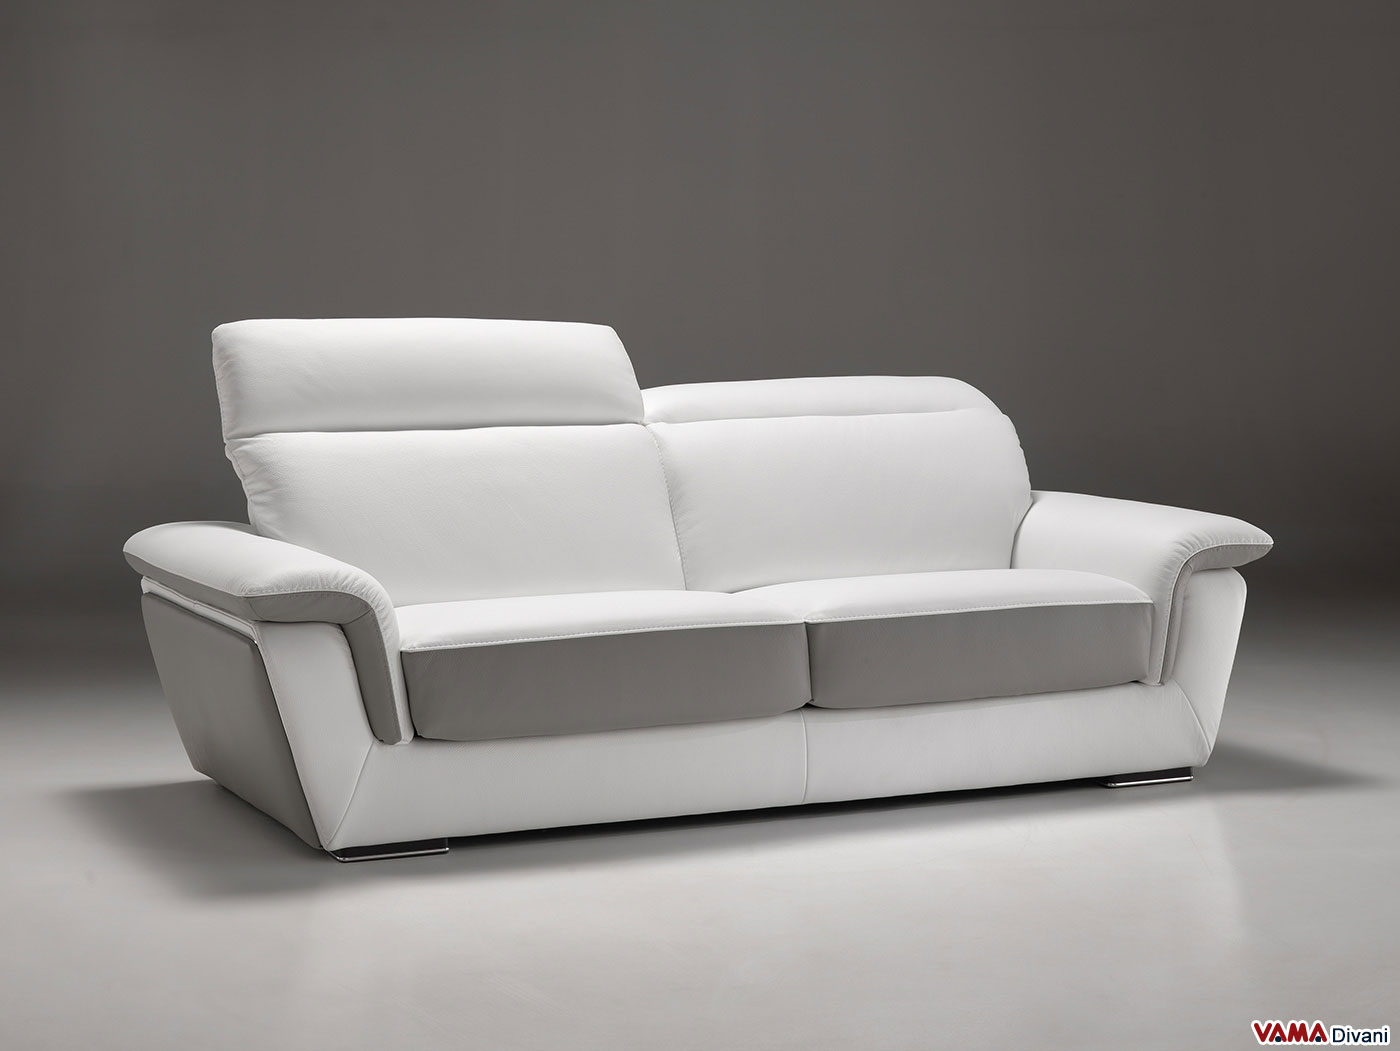 Divano moderno in pelle di design anche in versione angolare - Divano bianco pelle ...